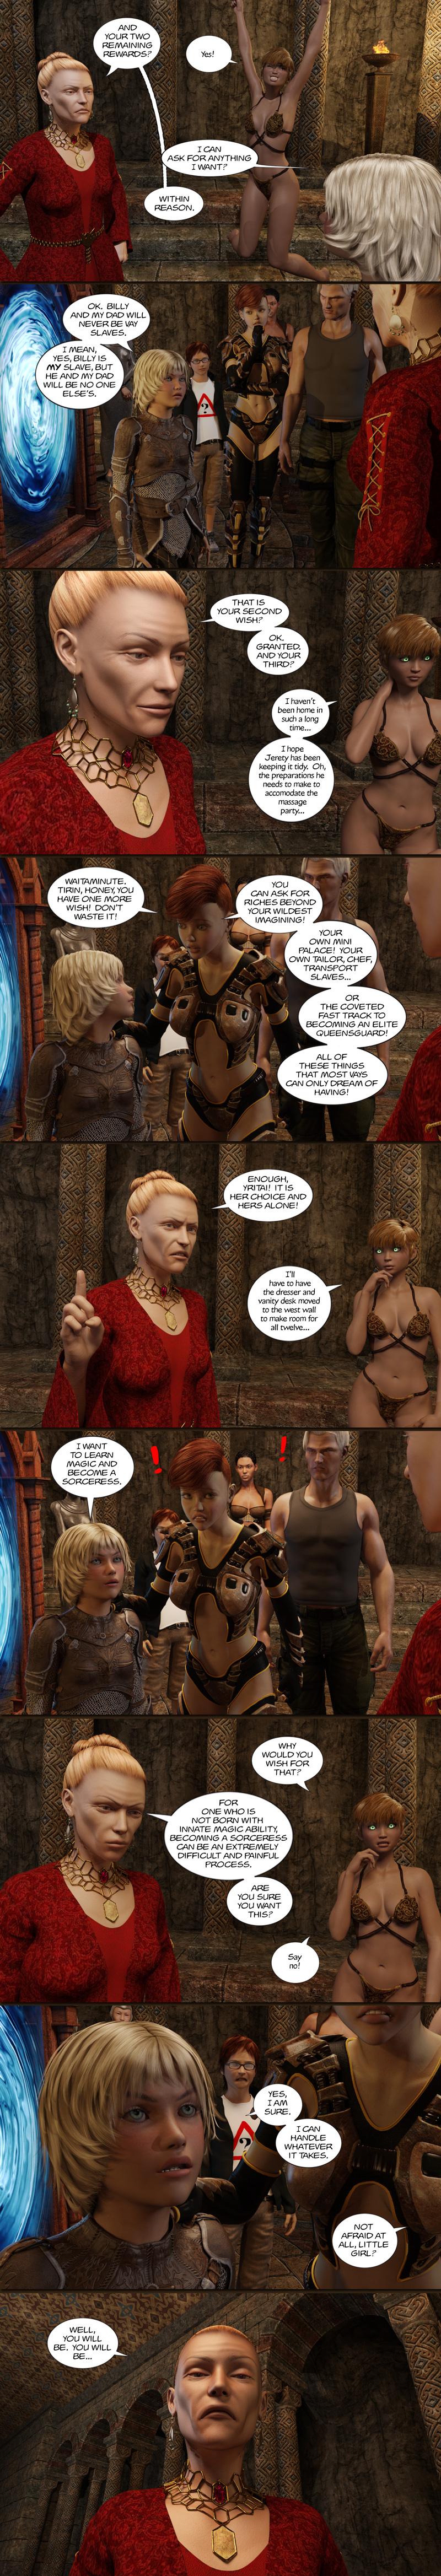 Chapter 14, page 22 – Tirin: I wanna learn magic